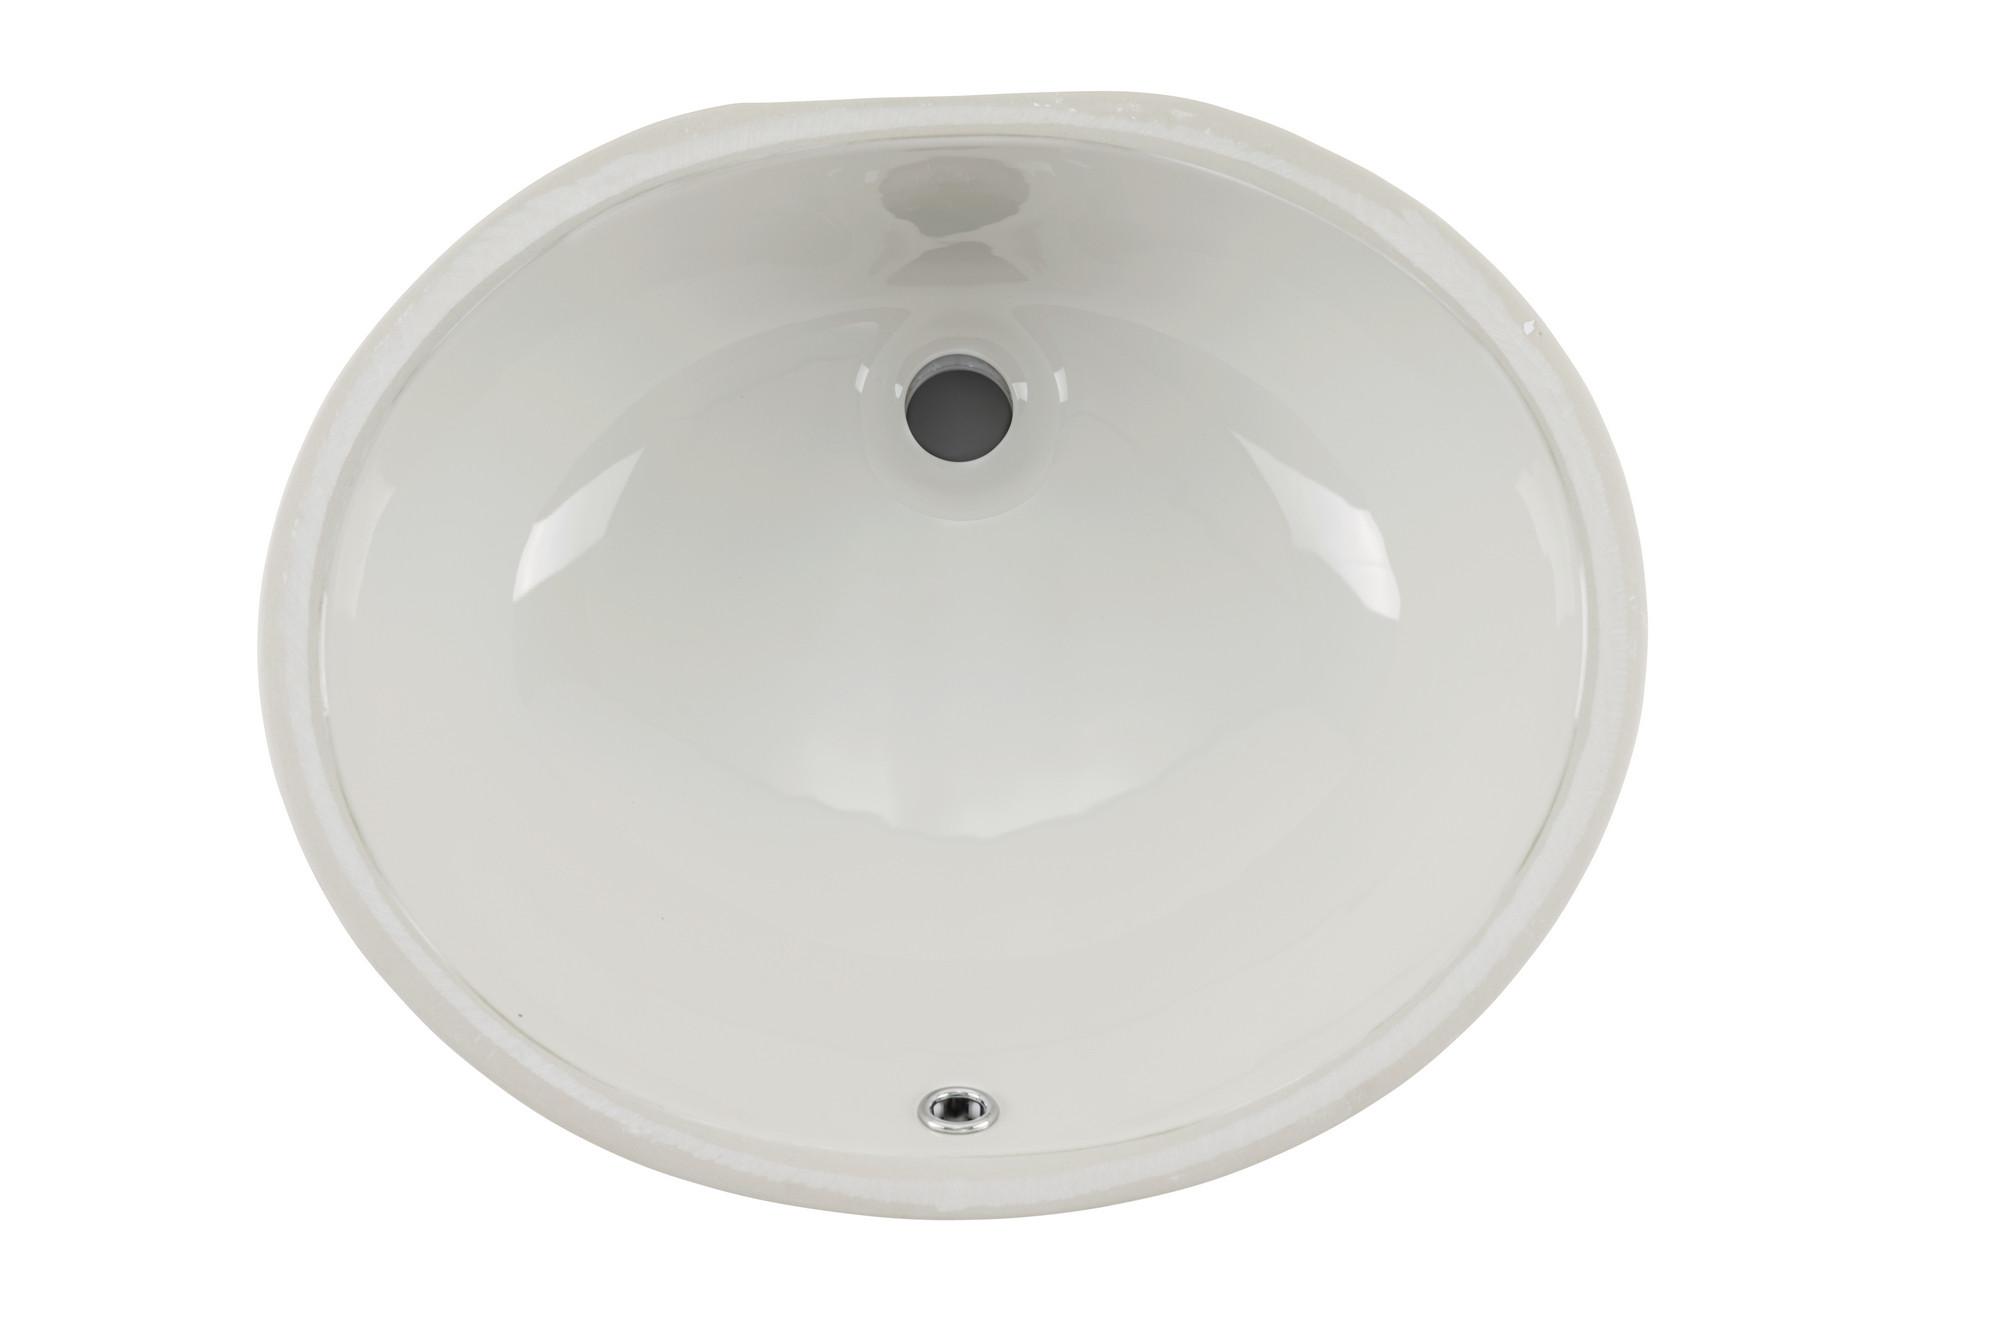 Cahaba CA425V17-B 19-1/4 x 16-1/4 Biscuit Glazed Porcelain Bathroom Sink